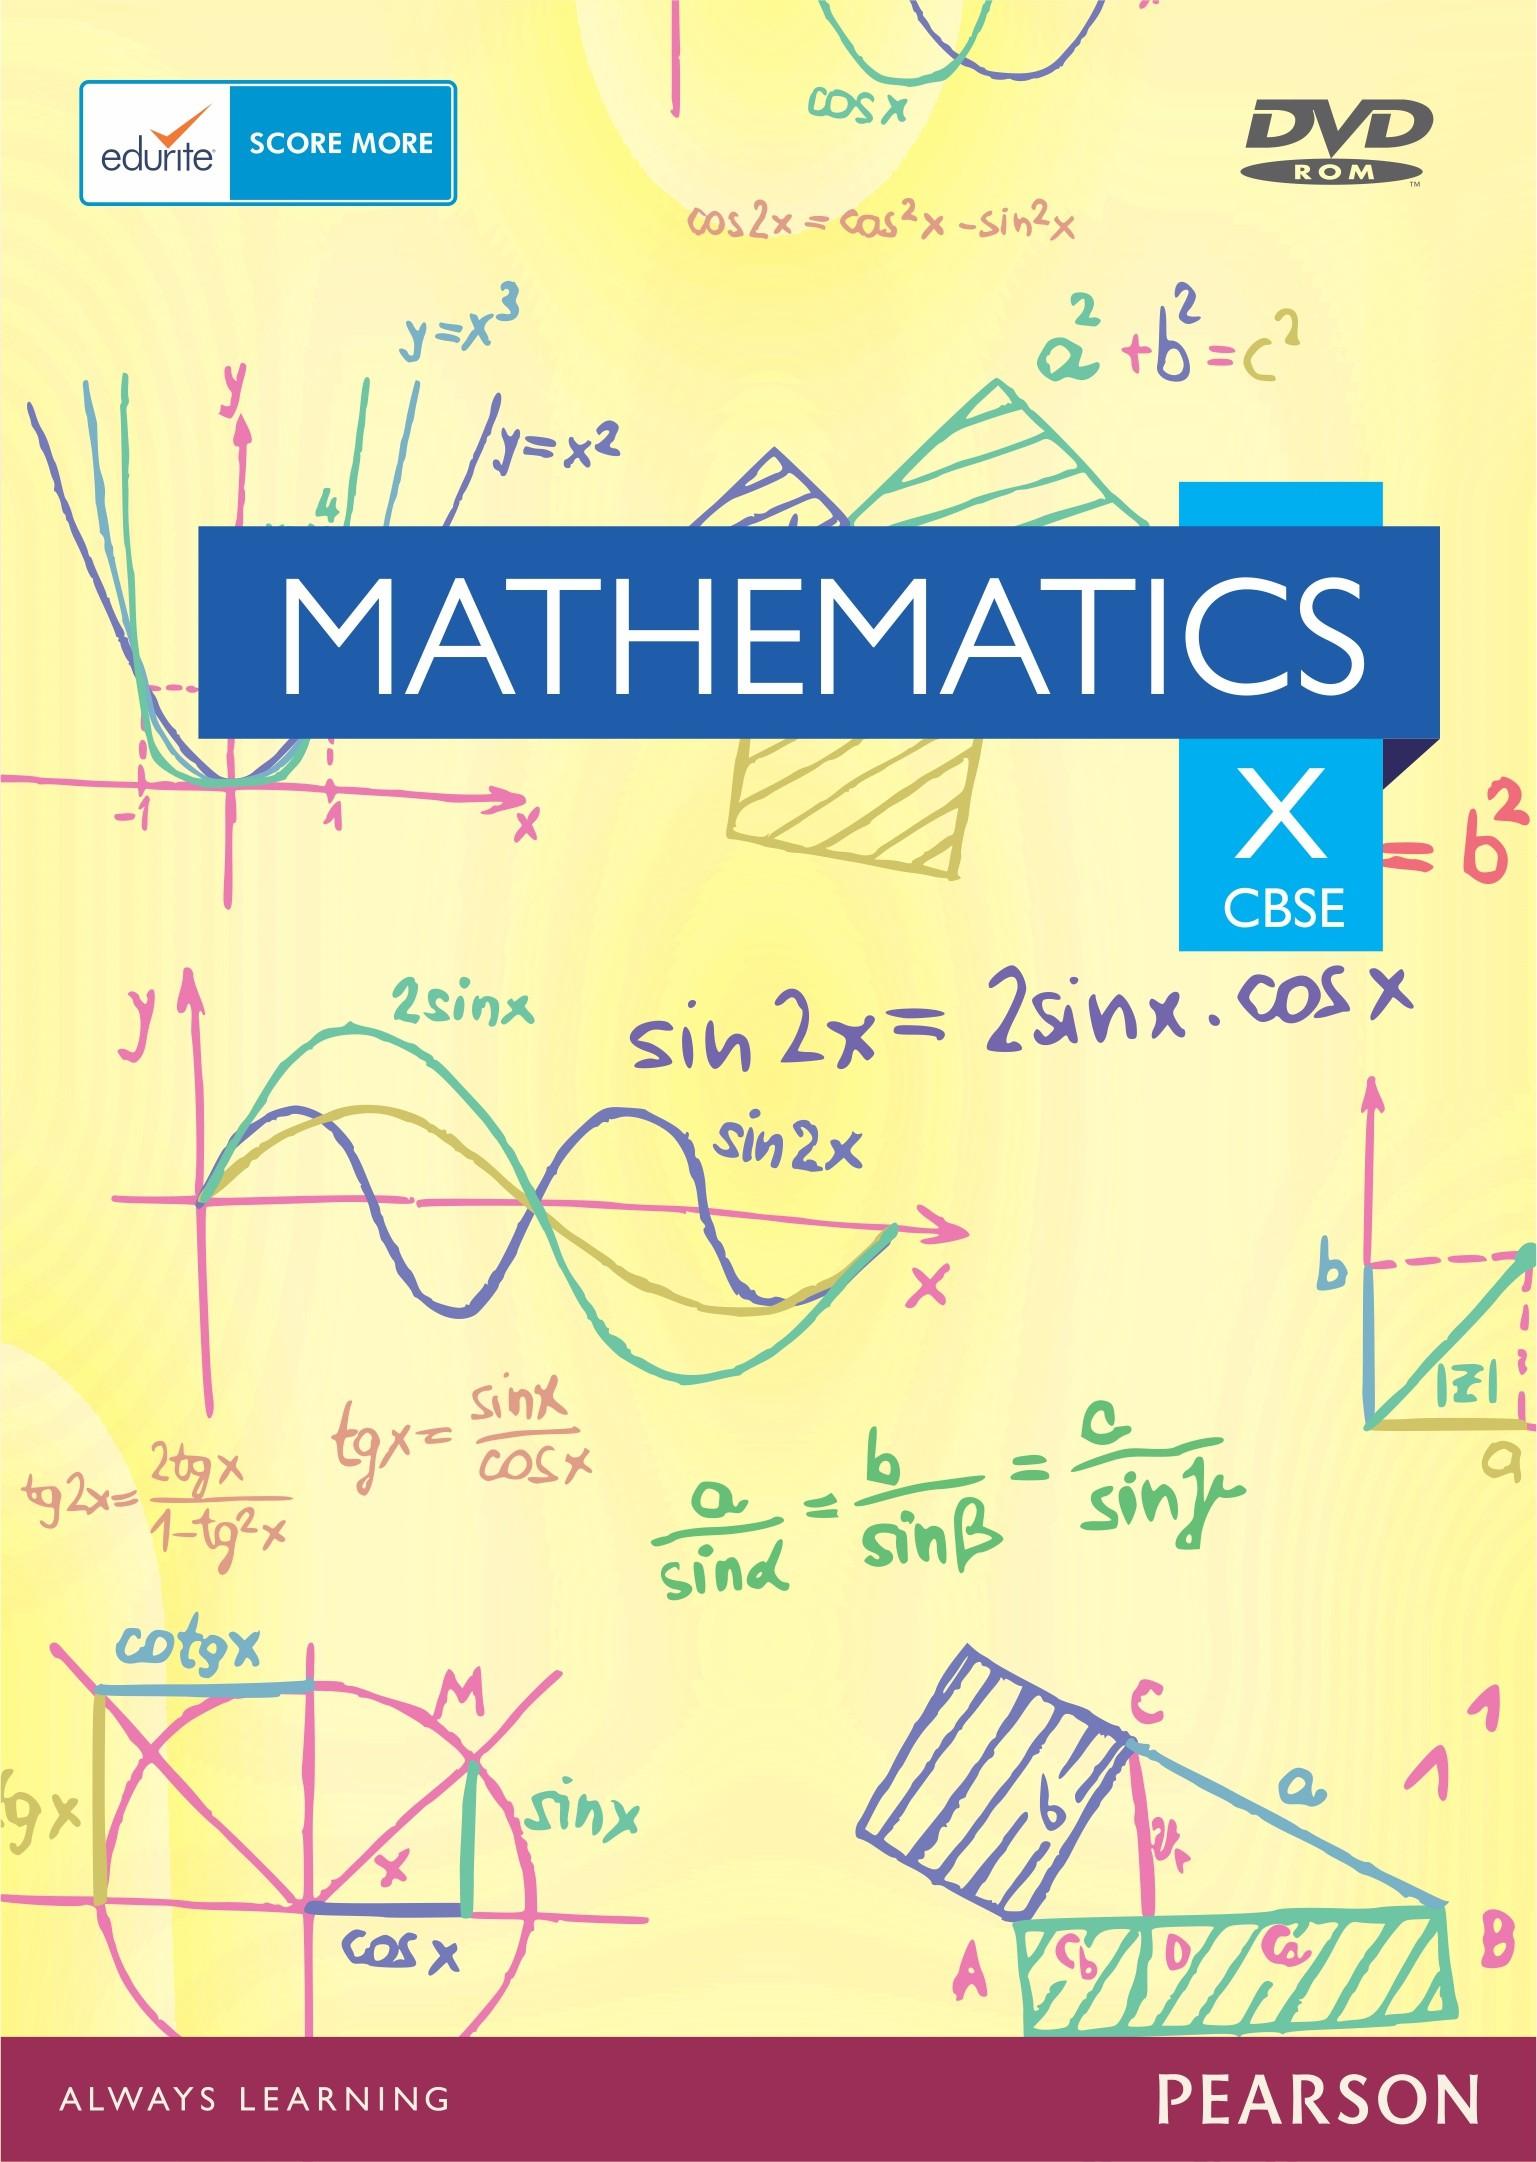 Edurite CBSE Class 10 Maths(DVD)